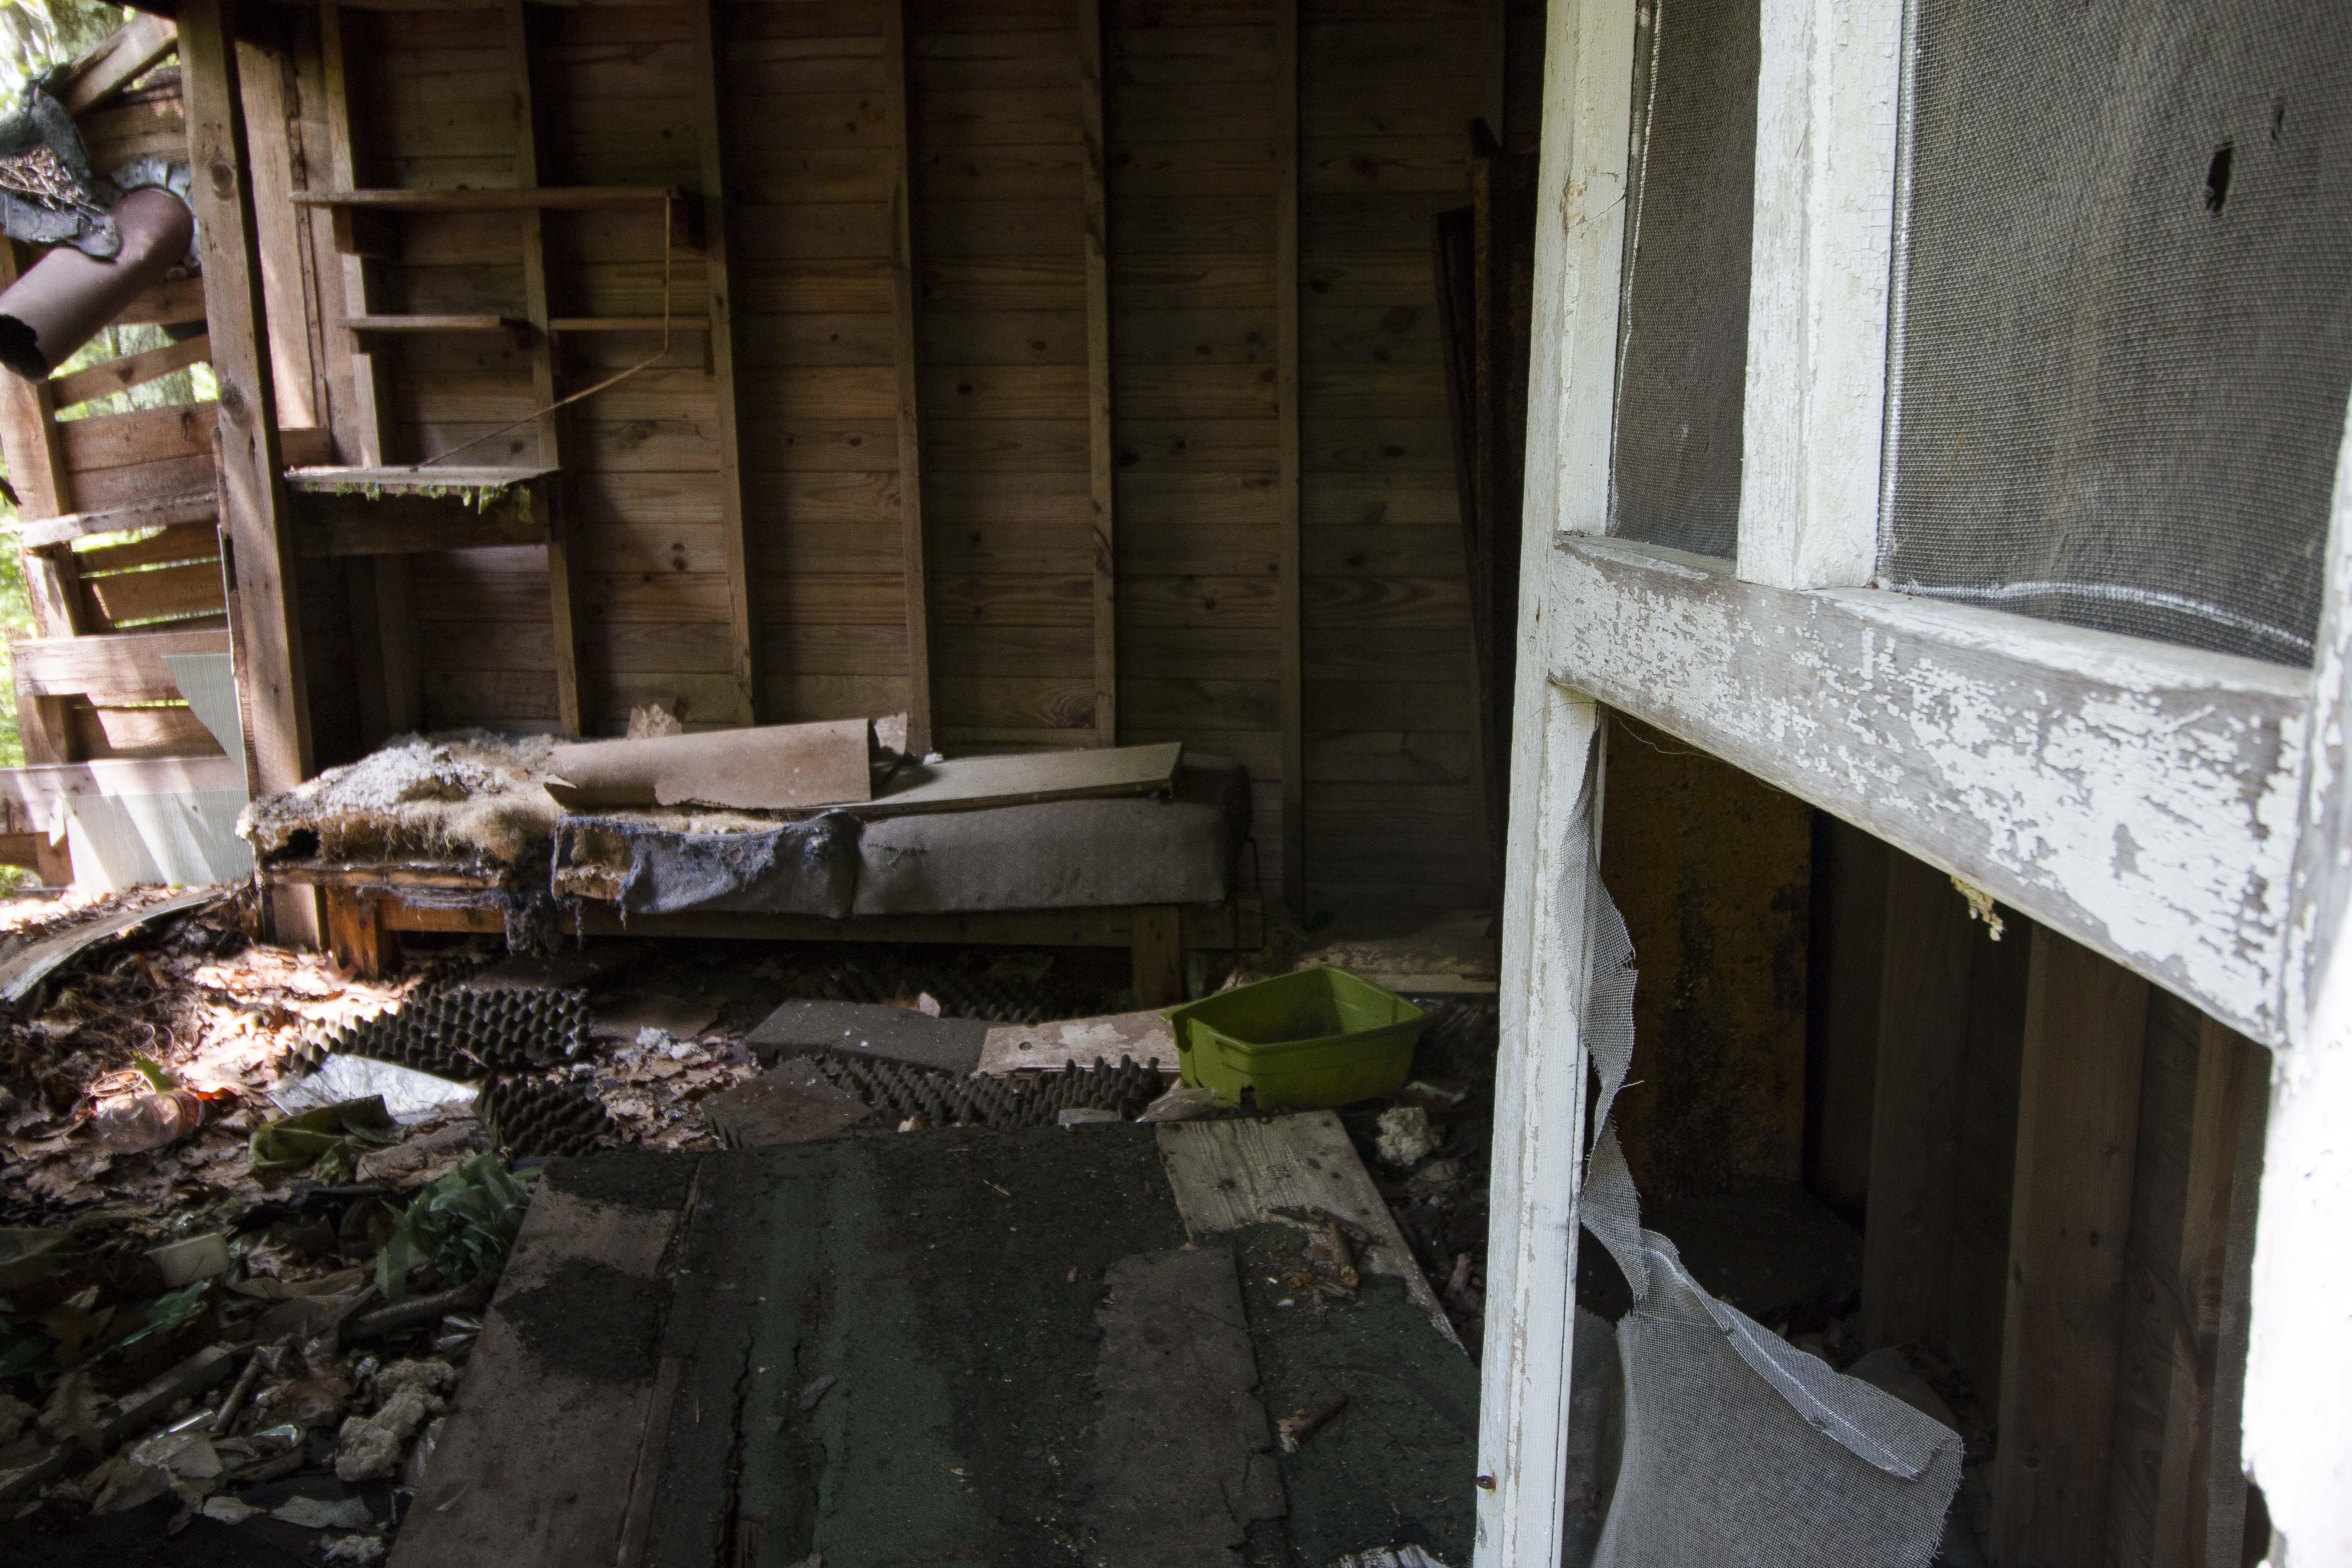 Inside shack 2